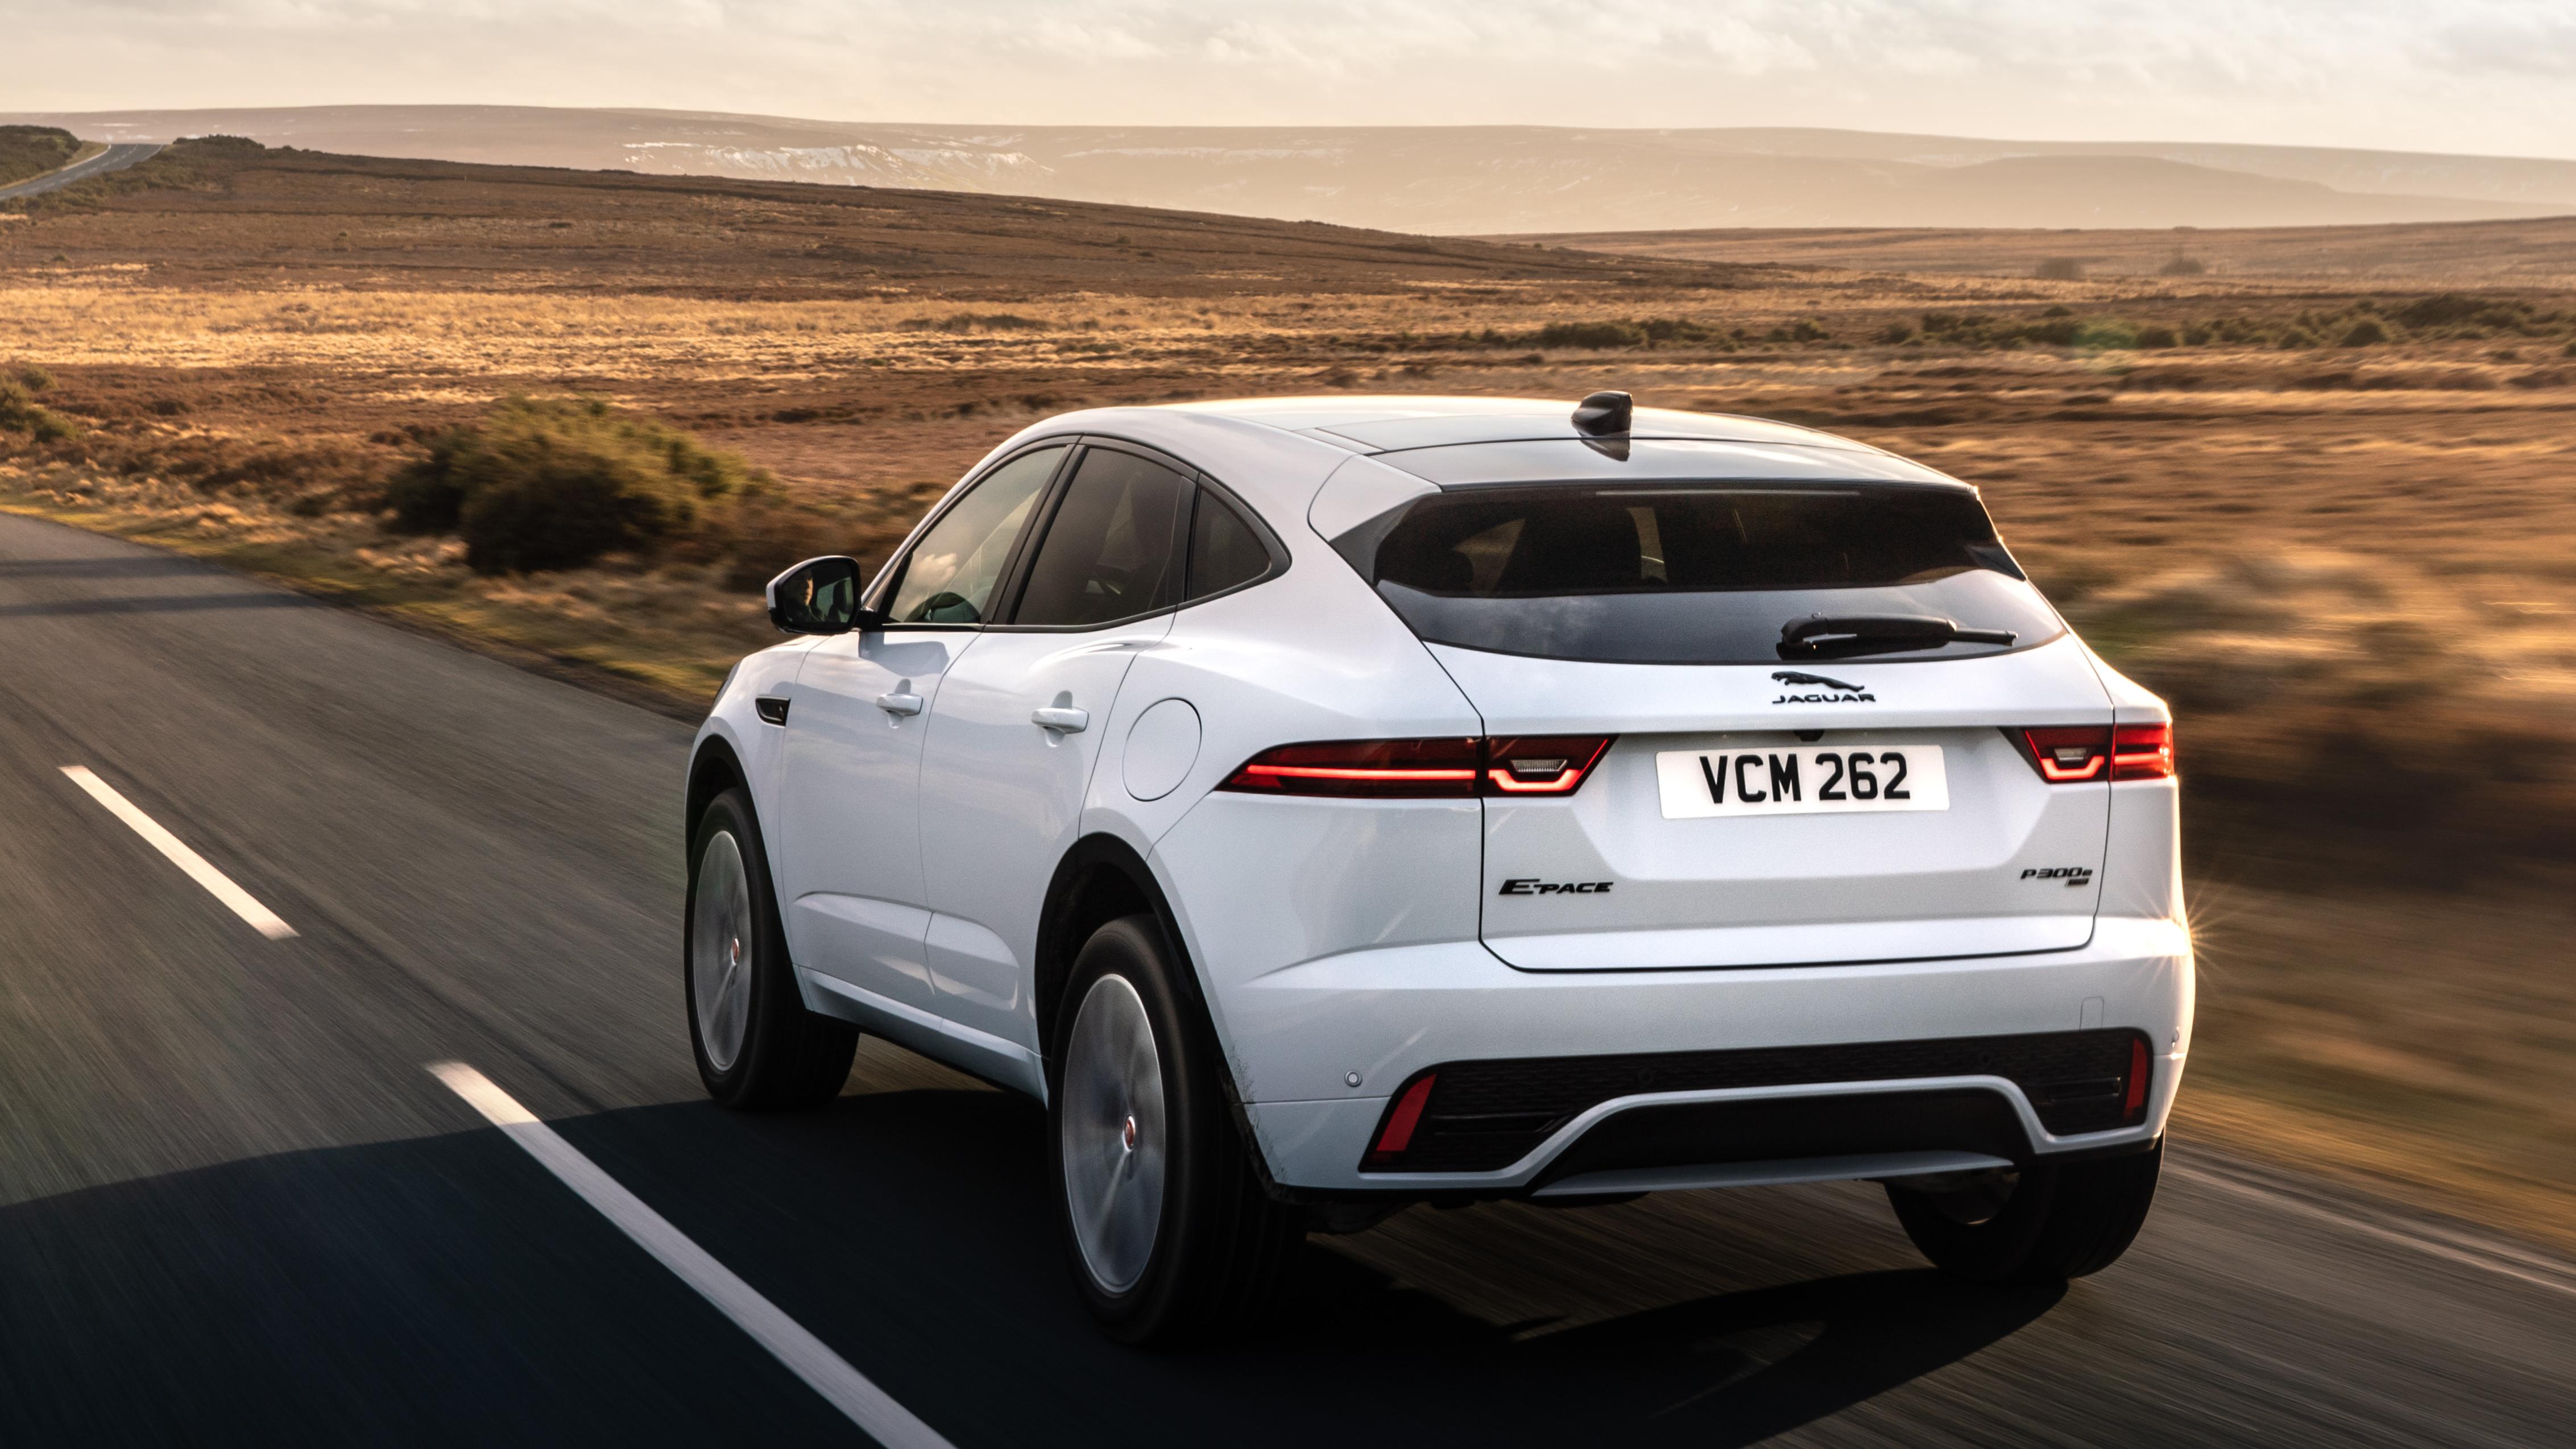 jaguar e pace r dynamic p300 rear 4k 1618922854 - Jaguar E Pace R Dynamic P300 Rear 4k - Jaguar E Pace R Dynamic P300 Rear 4k wallpapers